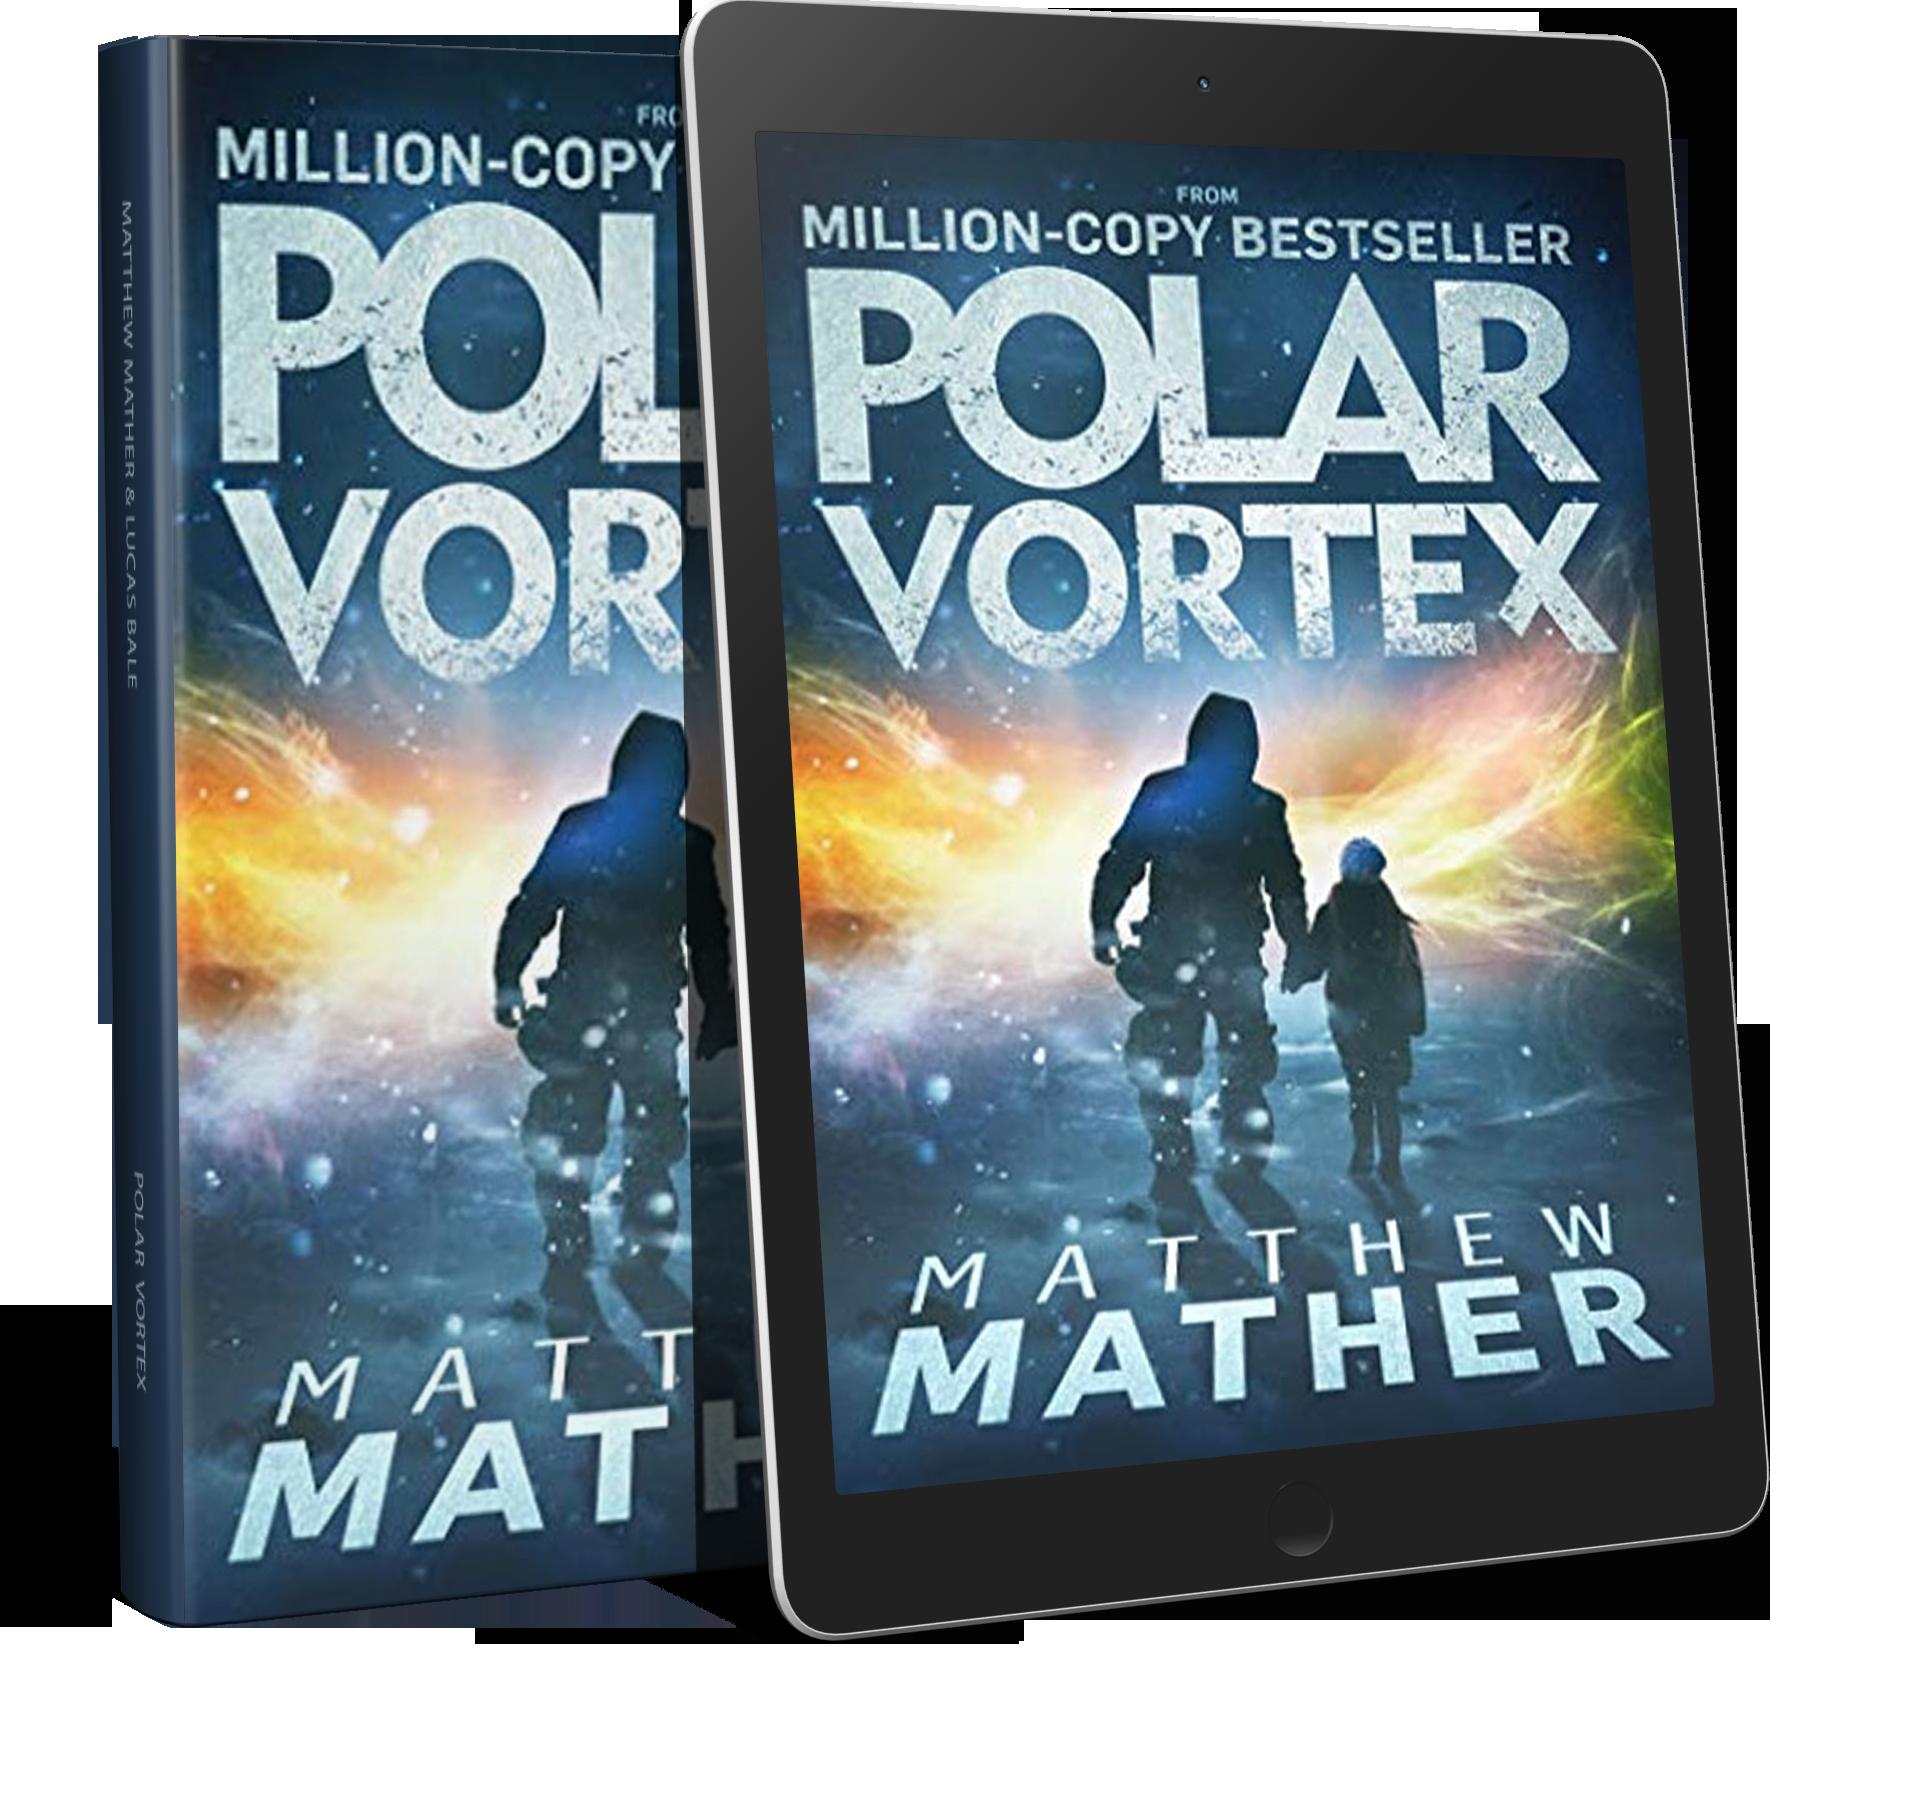 Polar Vortex - Matthew Mather